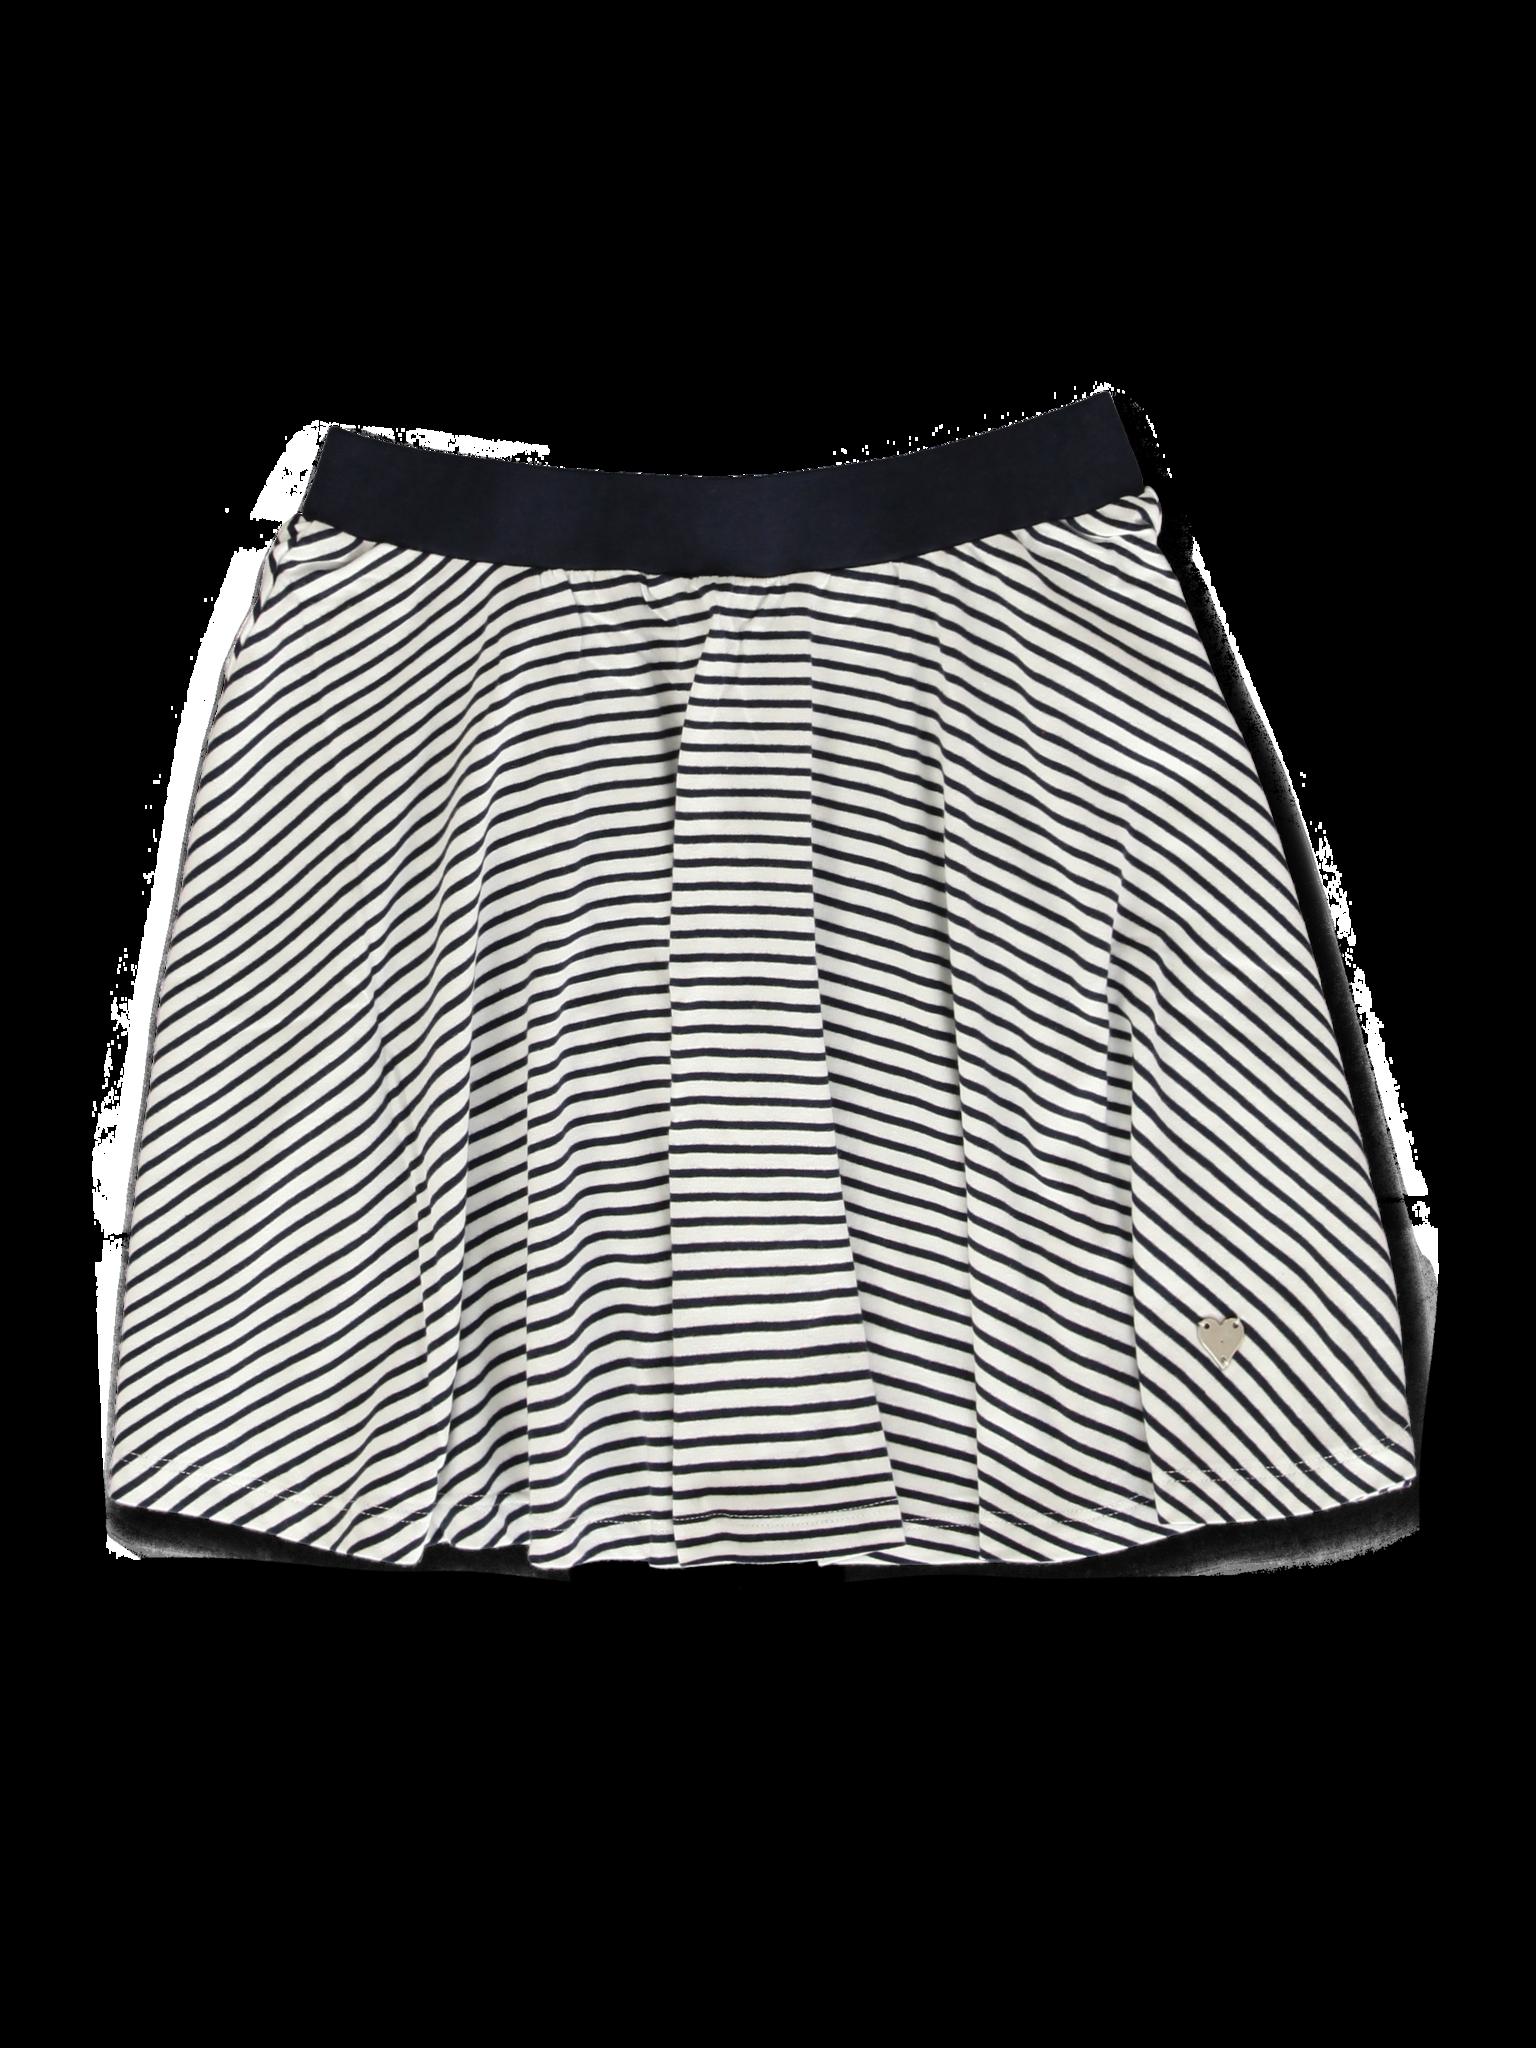 All Brands | Summerproducts Teen Girls | Skirt | 12 pcs/box